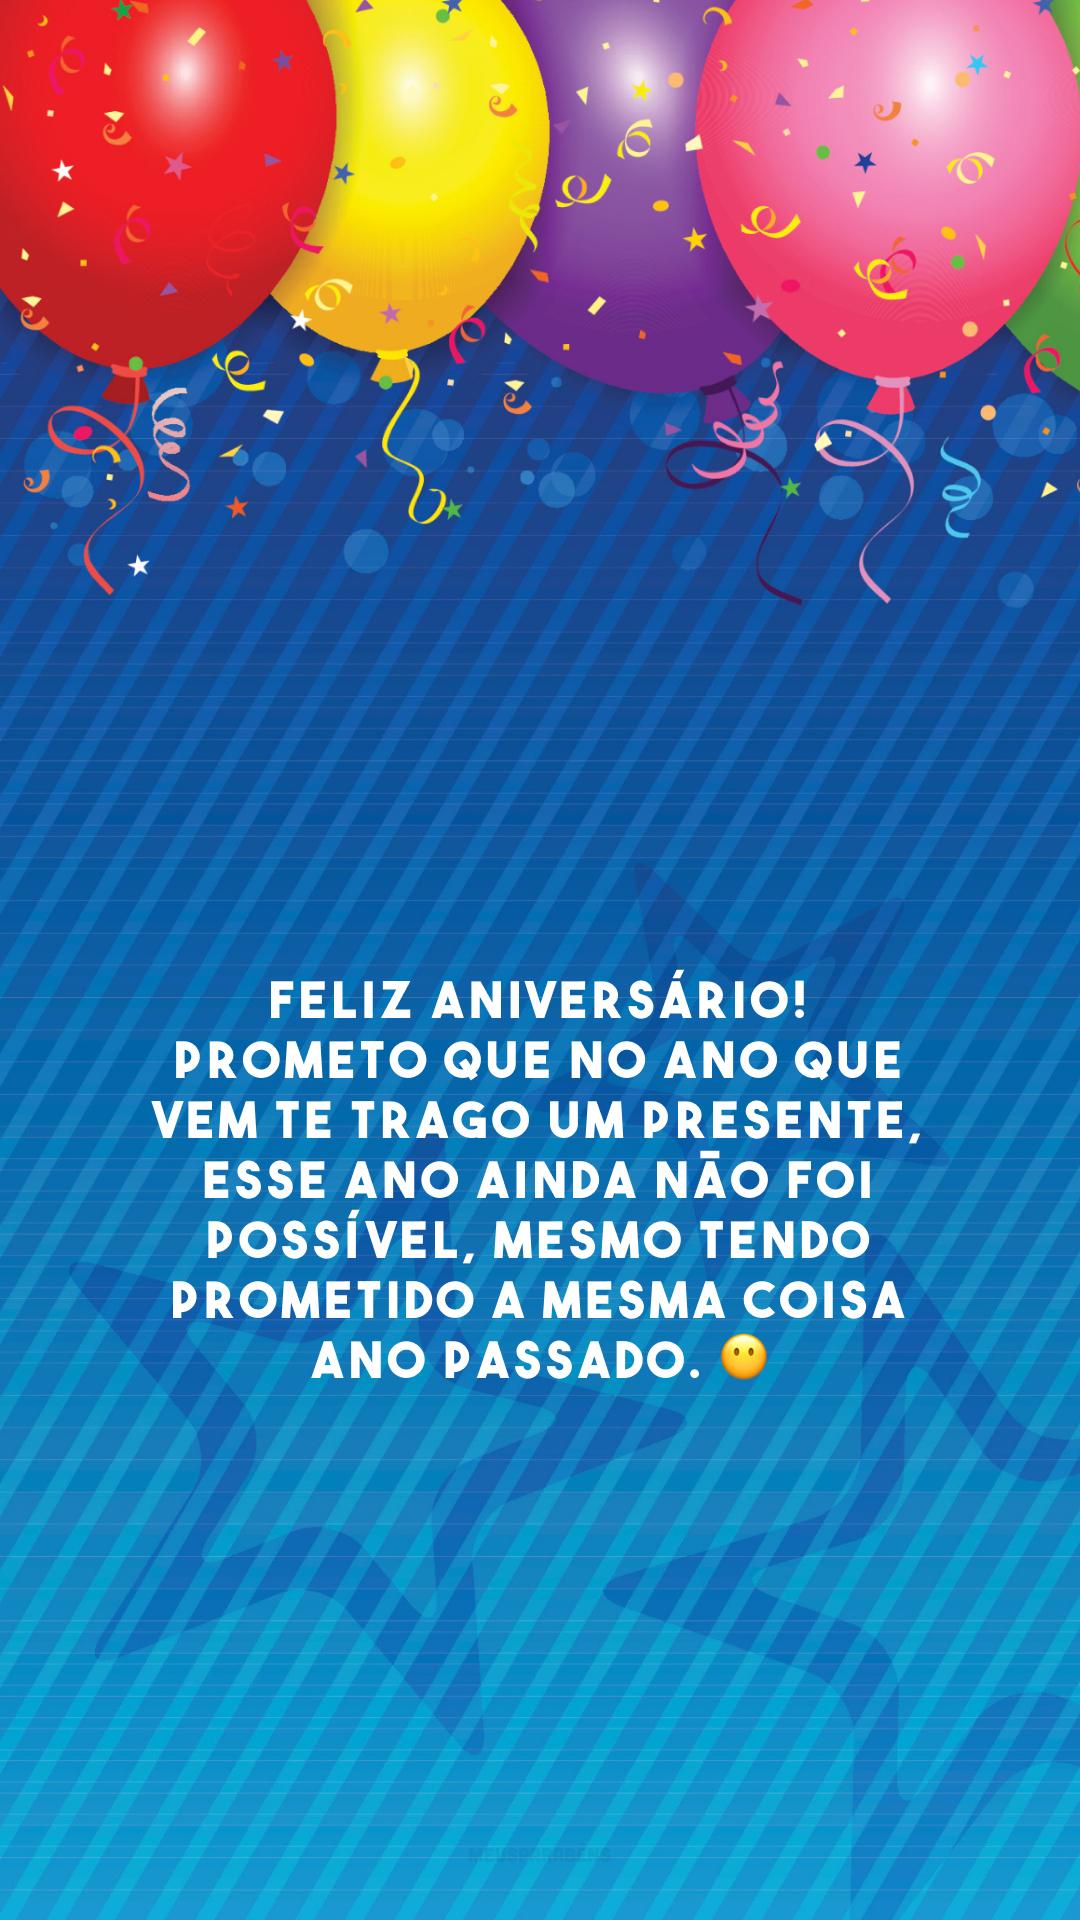 Feliz aniversário! Prometo que no ano que vem te trago um presente, esse ano ainda não foi possível, mesmo tendo prometido a mesma coisa ano passado. 😶